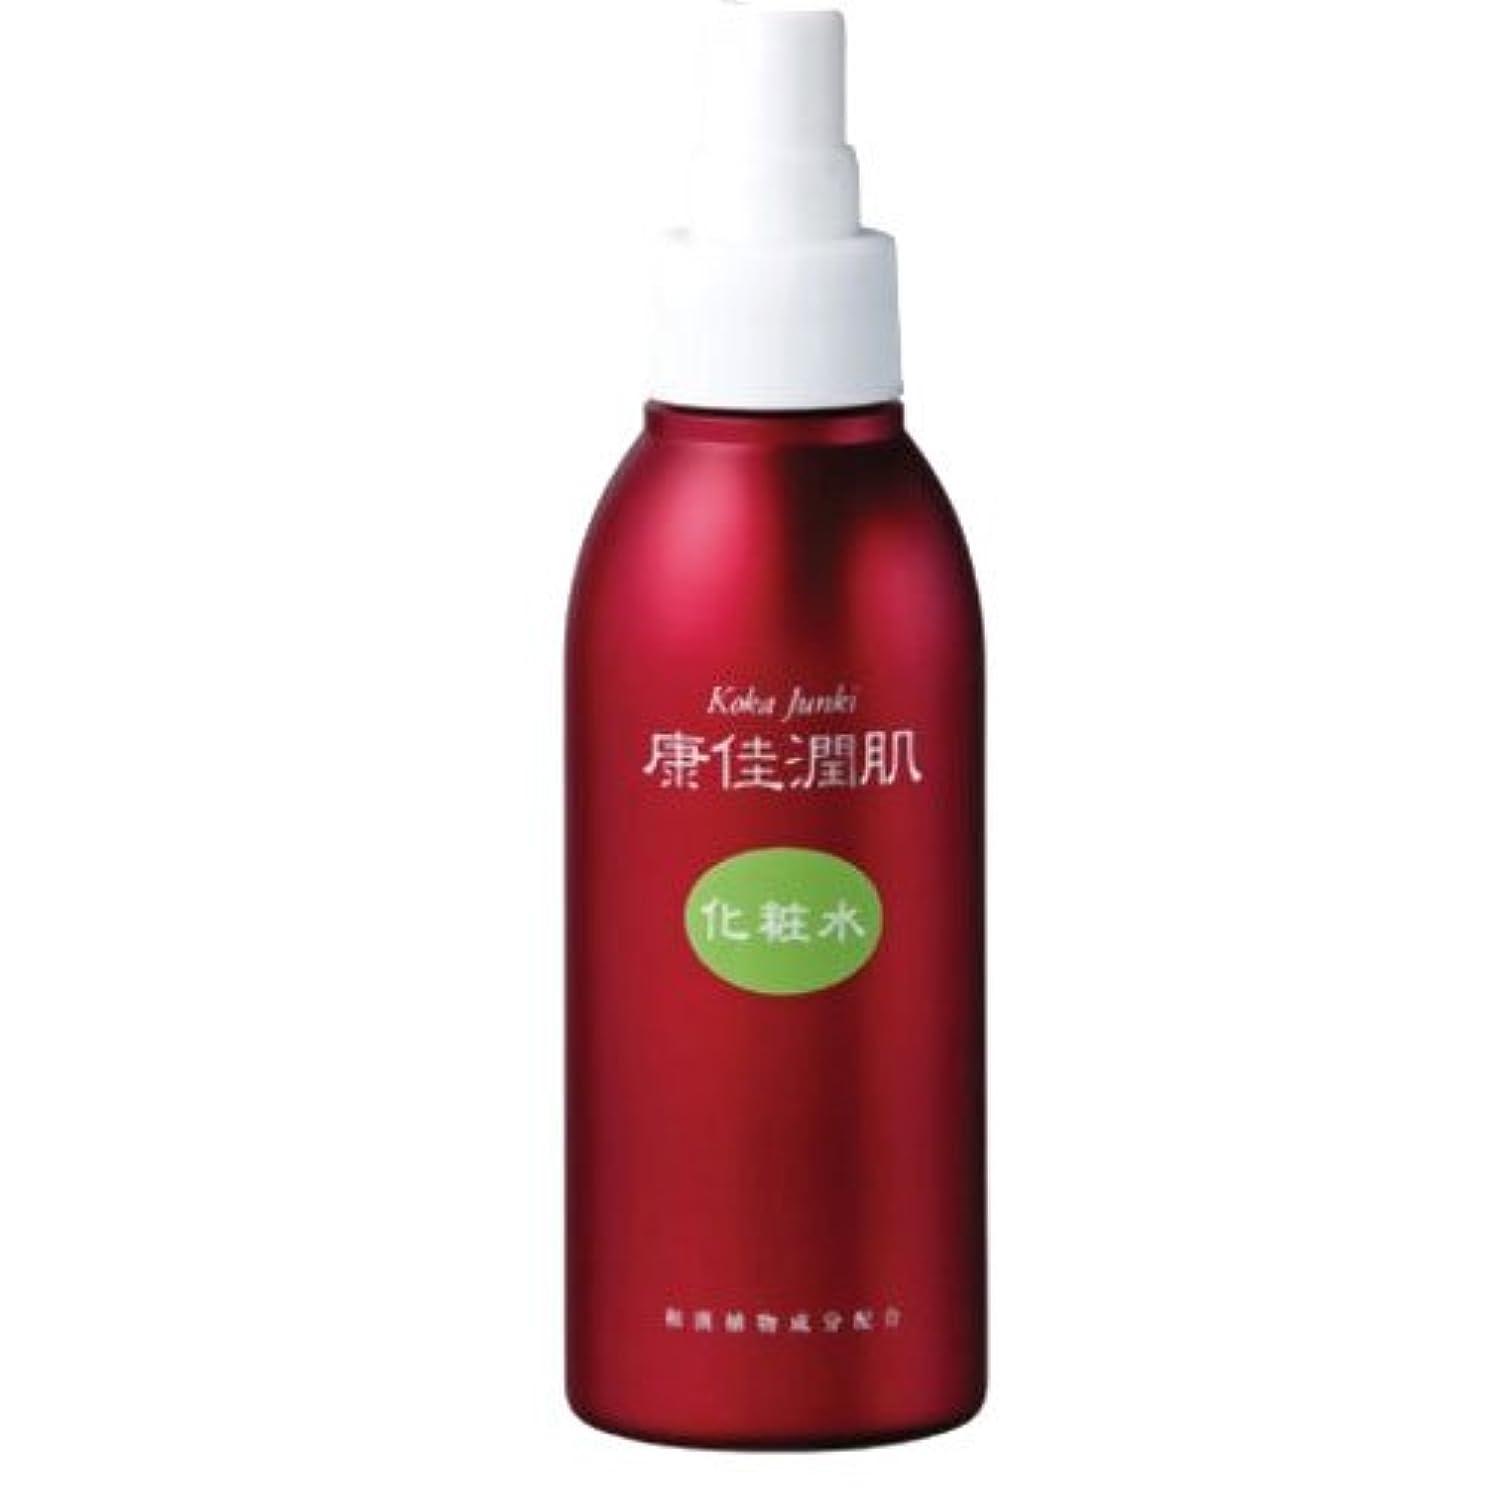 使い込む帝国主義反響する康佳潤肌化粧水